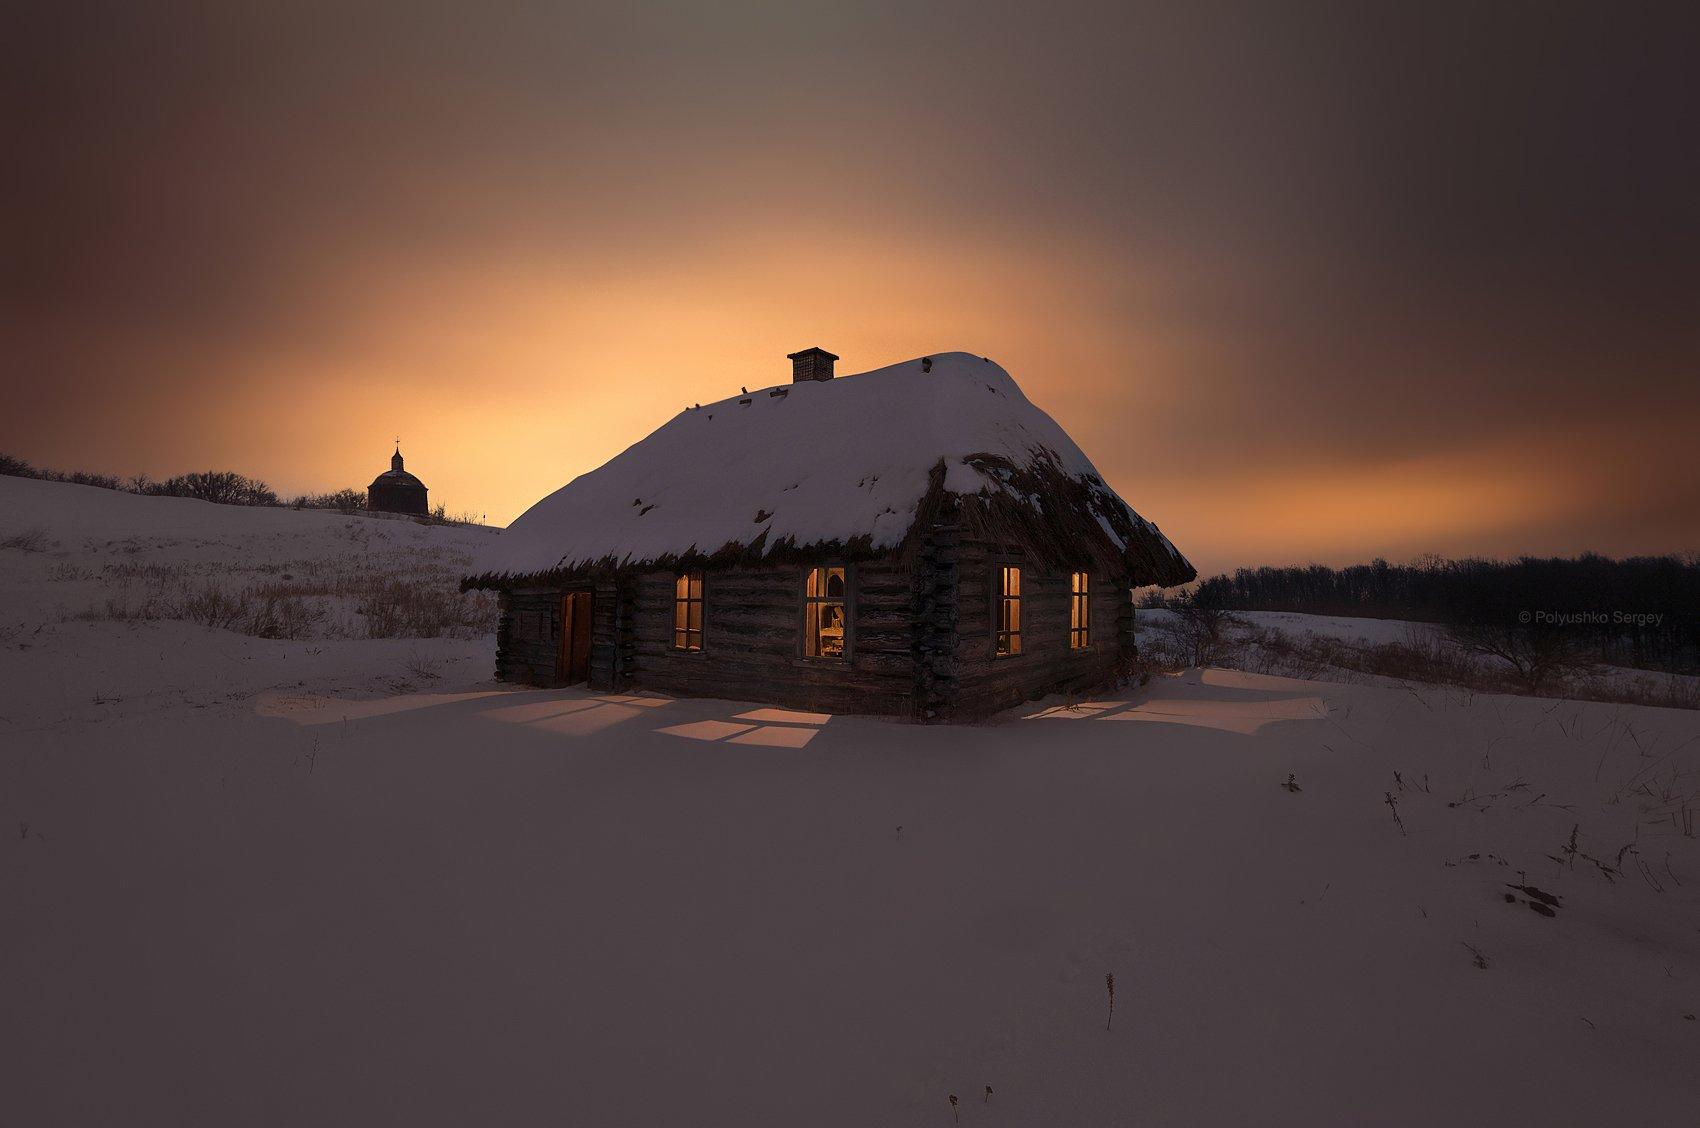 Зима, Ночь, Снег, Украина, Полюшко Сергей